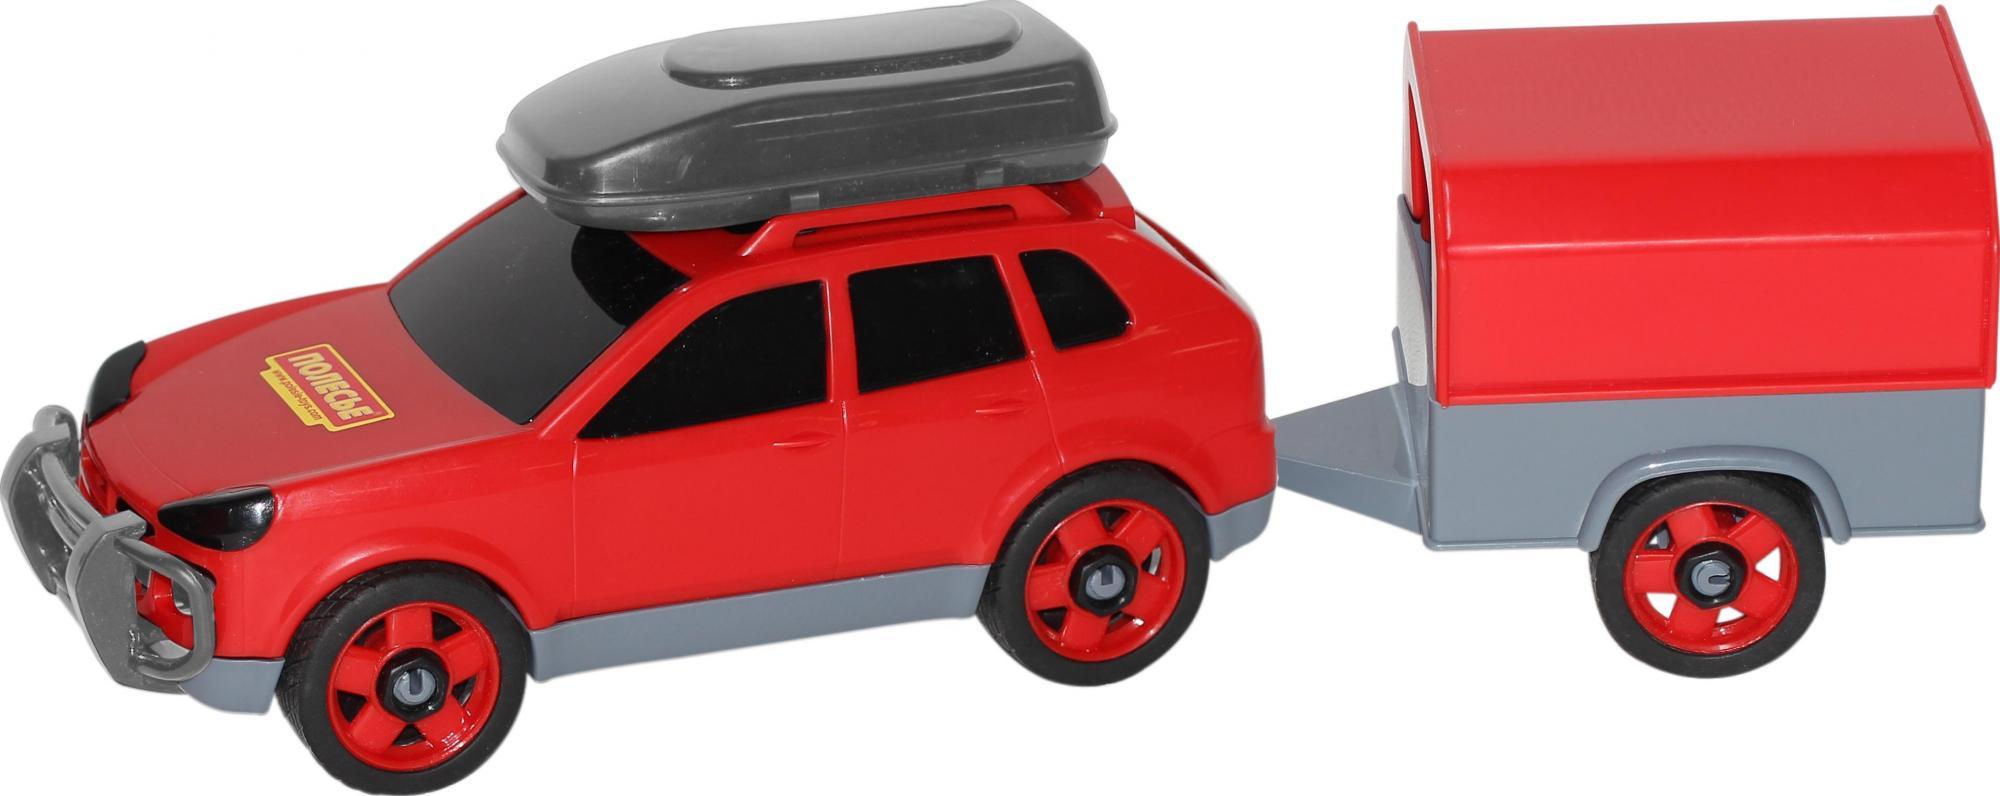 Автомобиль легковой с прицепом (в сеточке) 53688